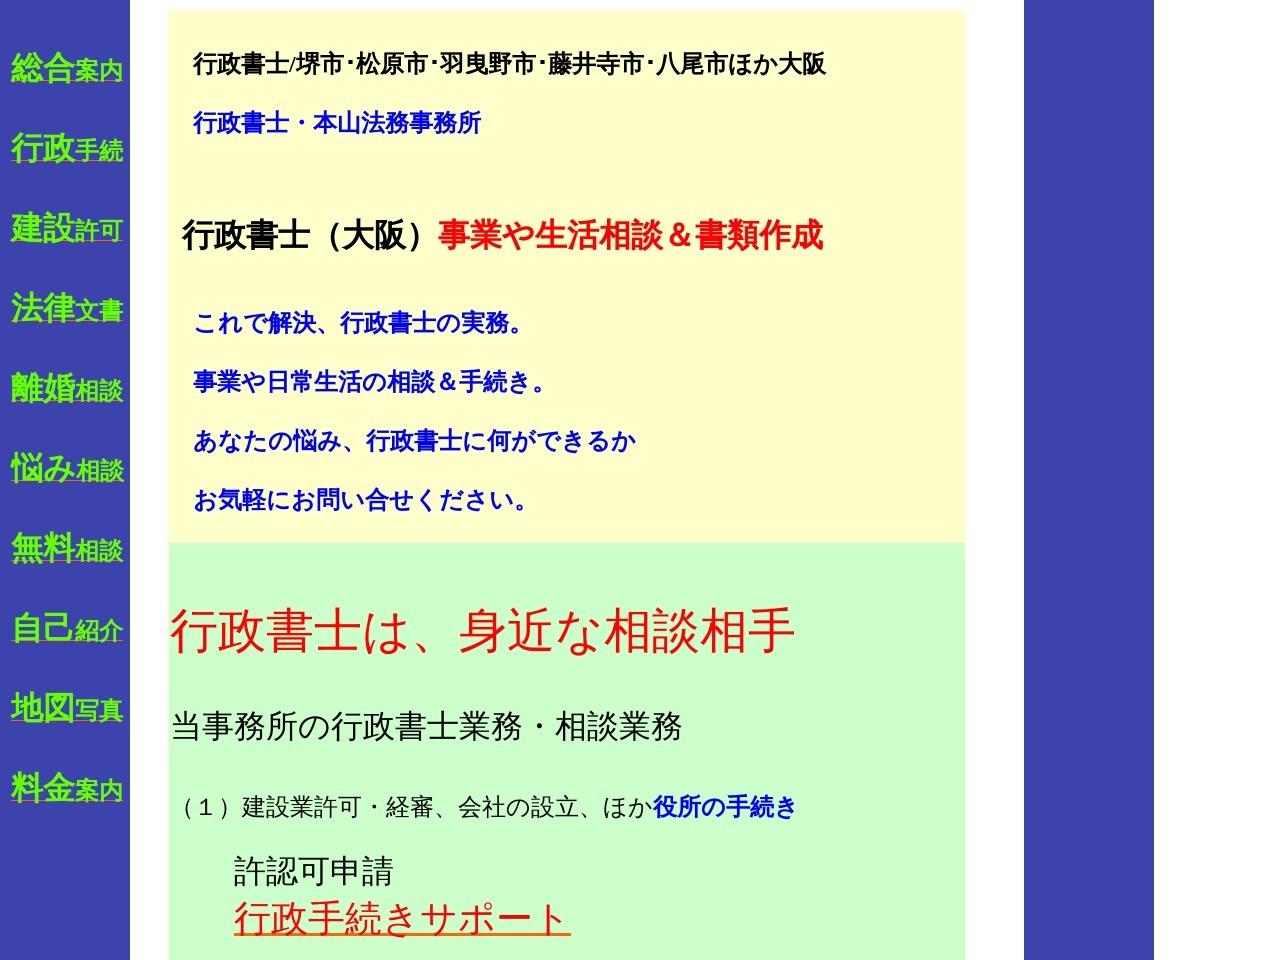 行政書士・本山法務事務所